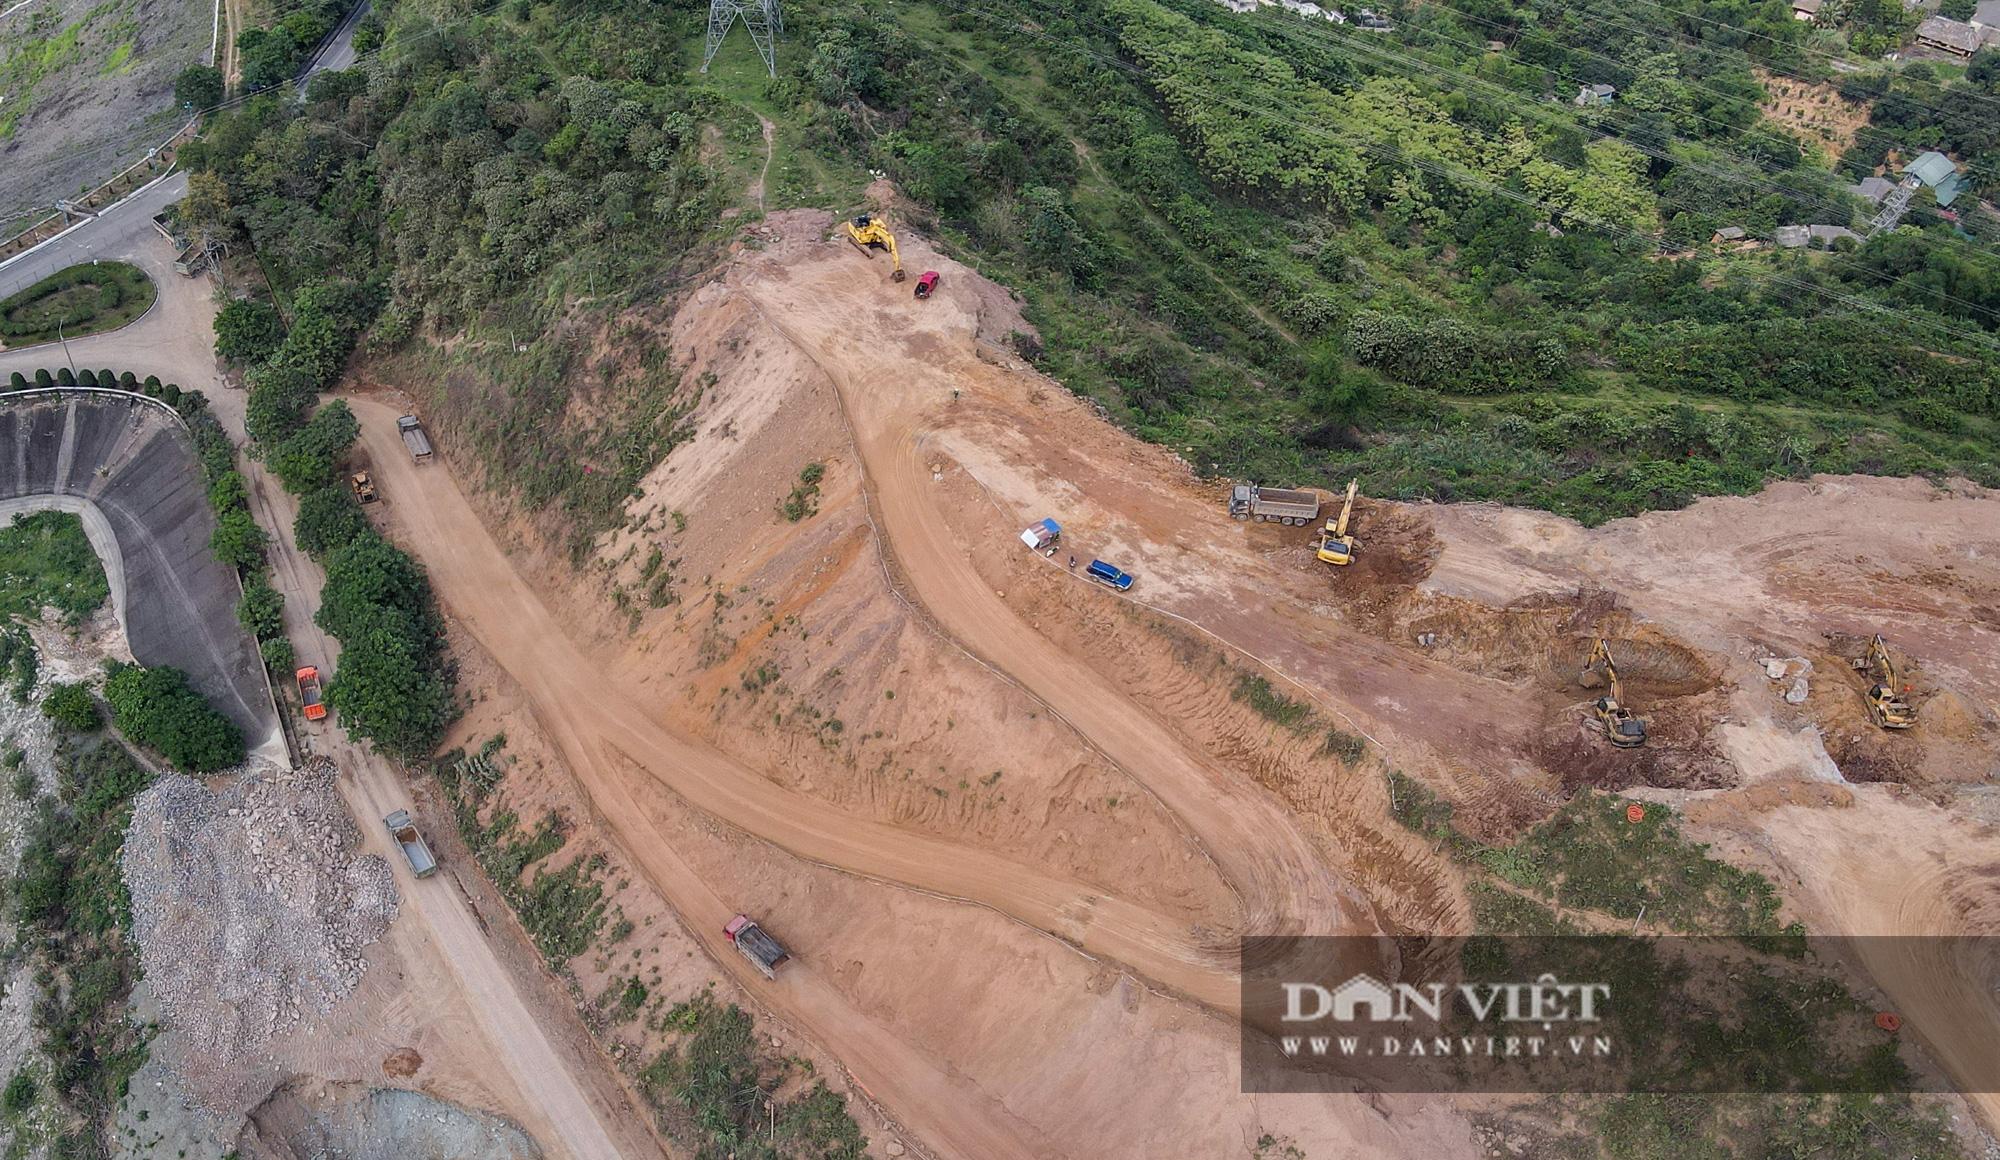 Công trình mở rộng nhà máy thuỷ điện Hoà Bình hơn 9000 tỷ nhìn từ trên cao  - Ảnh 7.